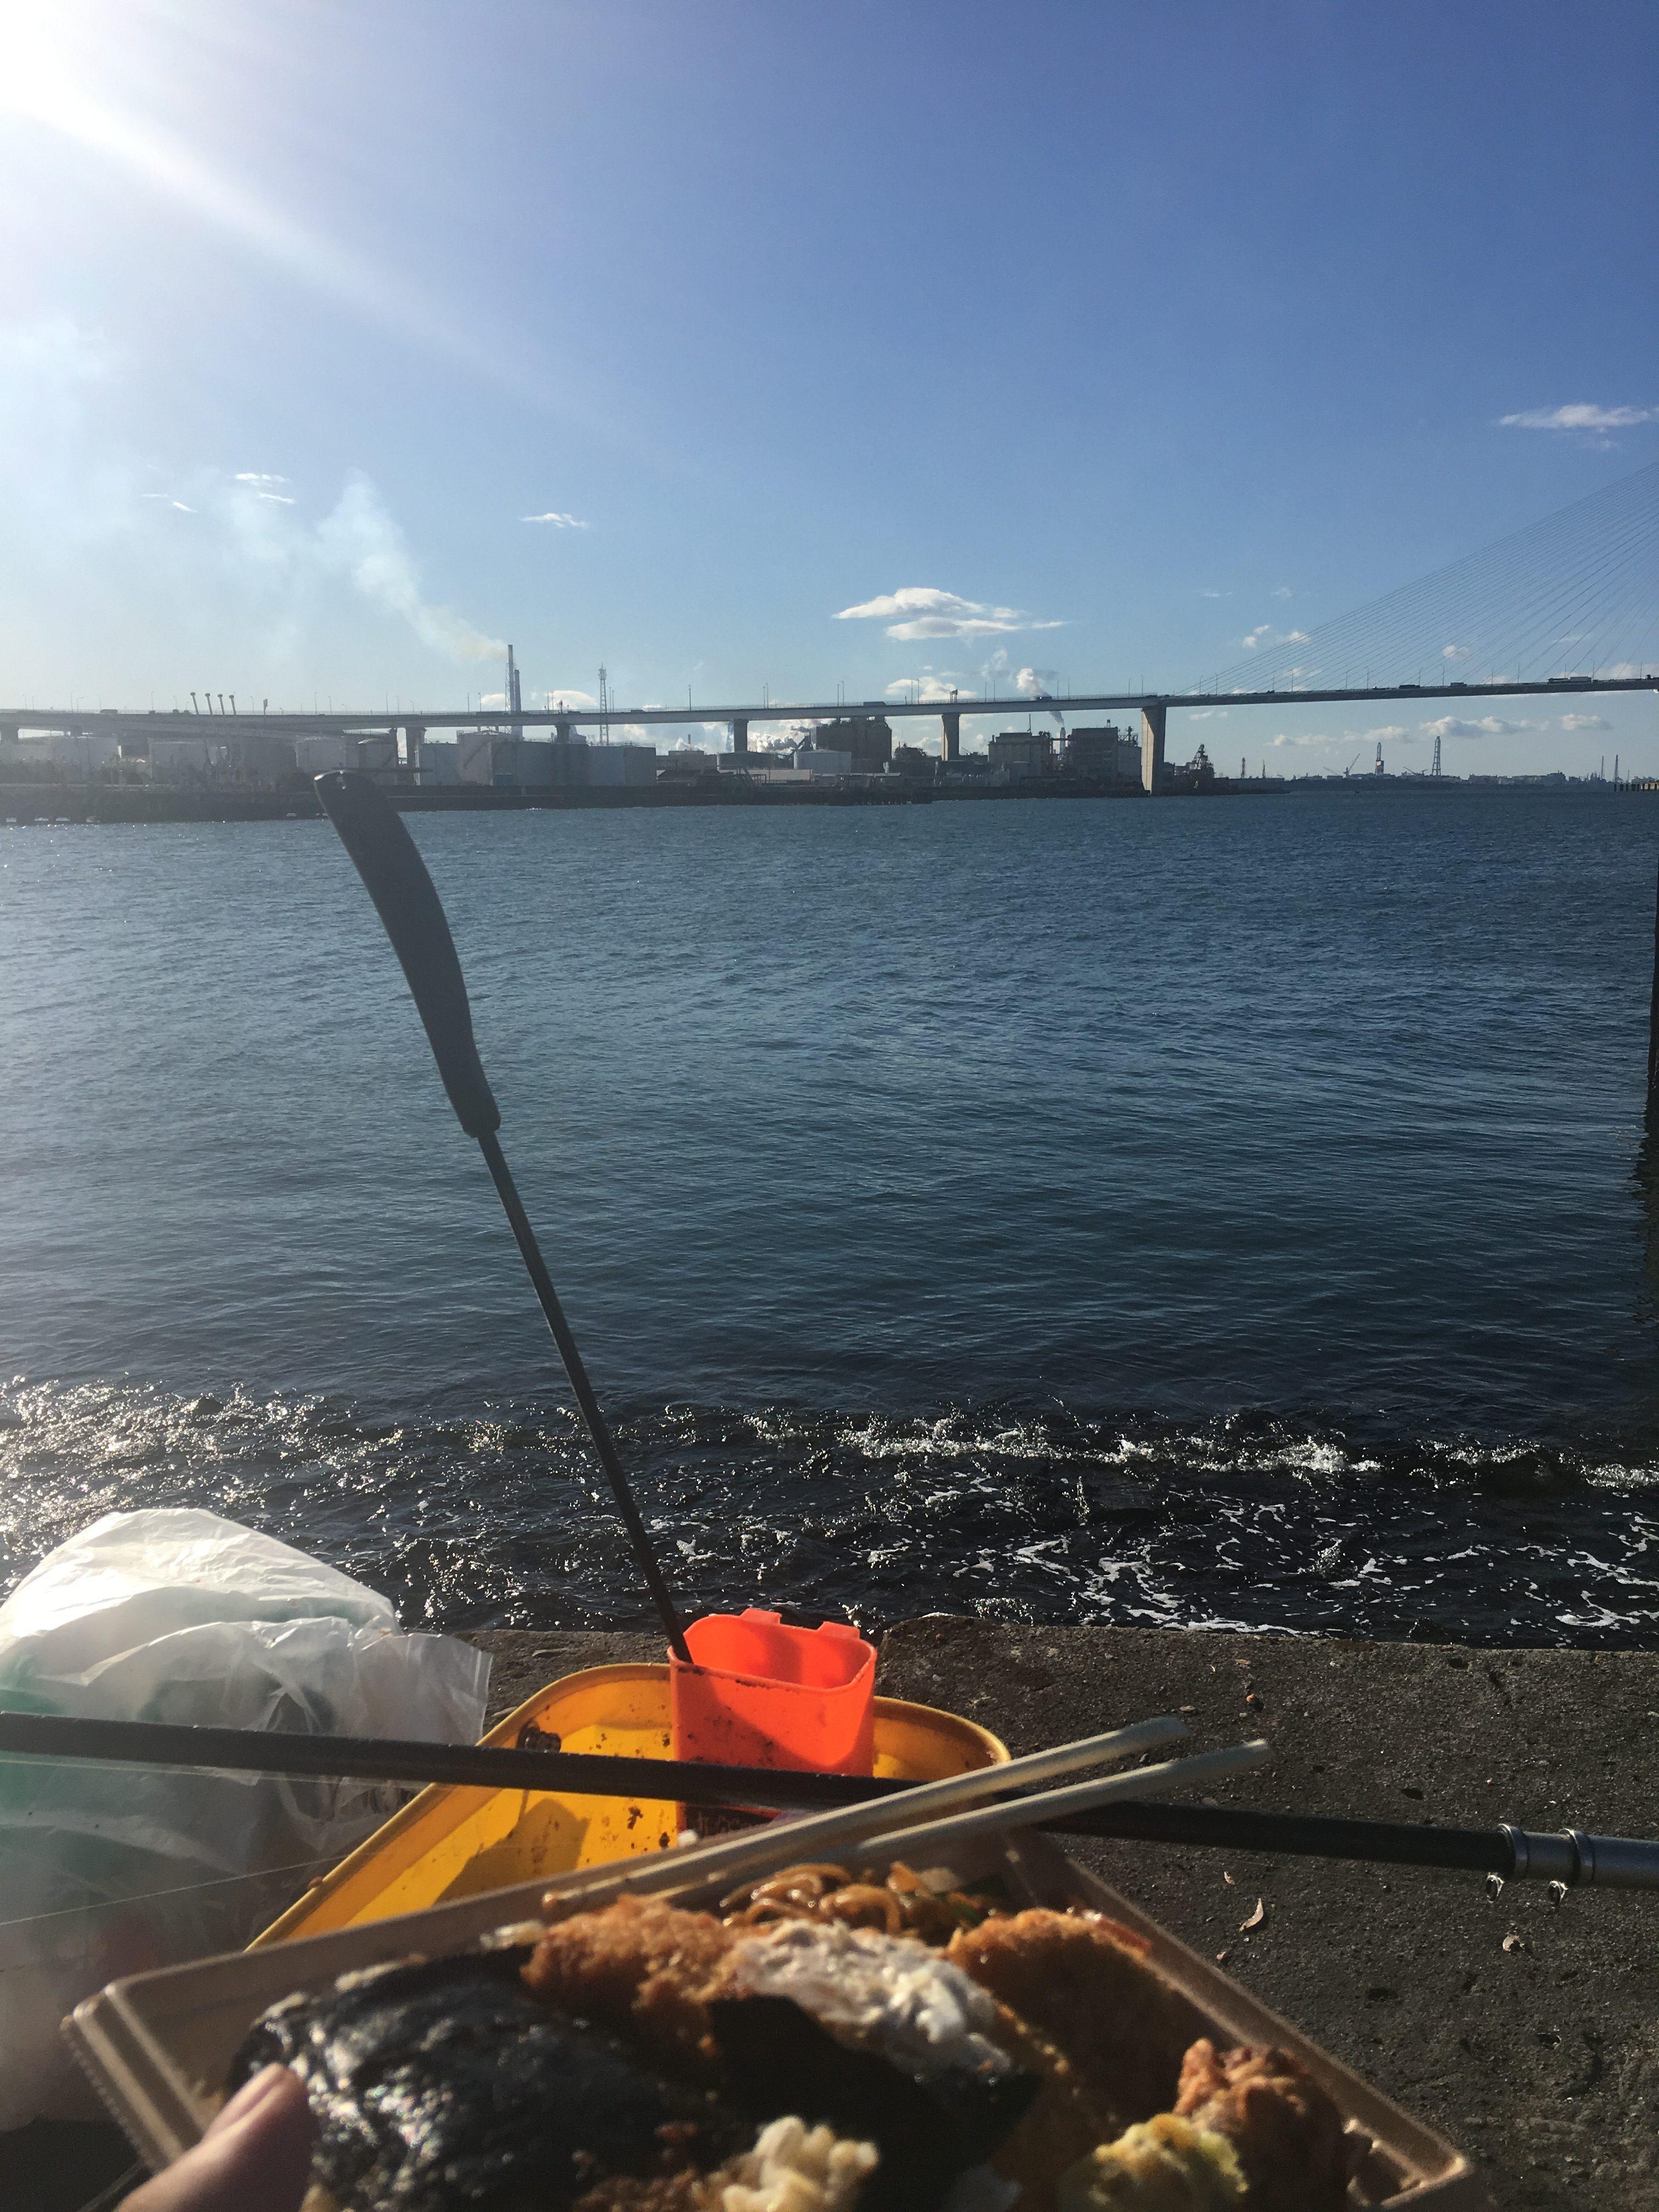 名古屋港9号地ウキフカセでチヌ 風速5メートル天気明朗なれども波高し